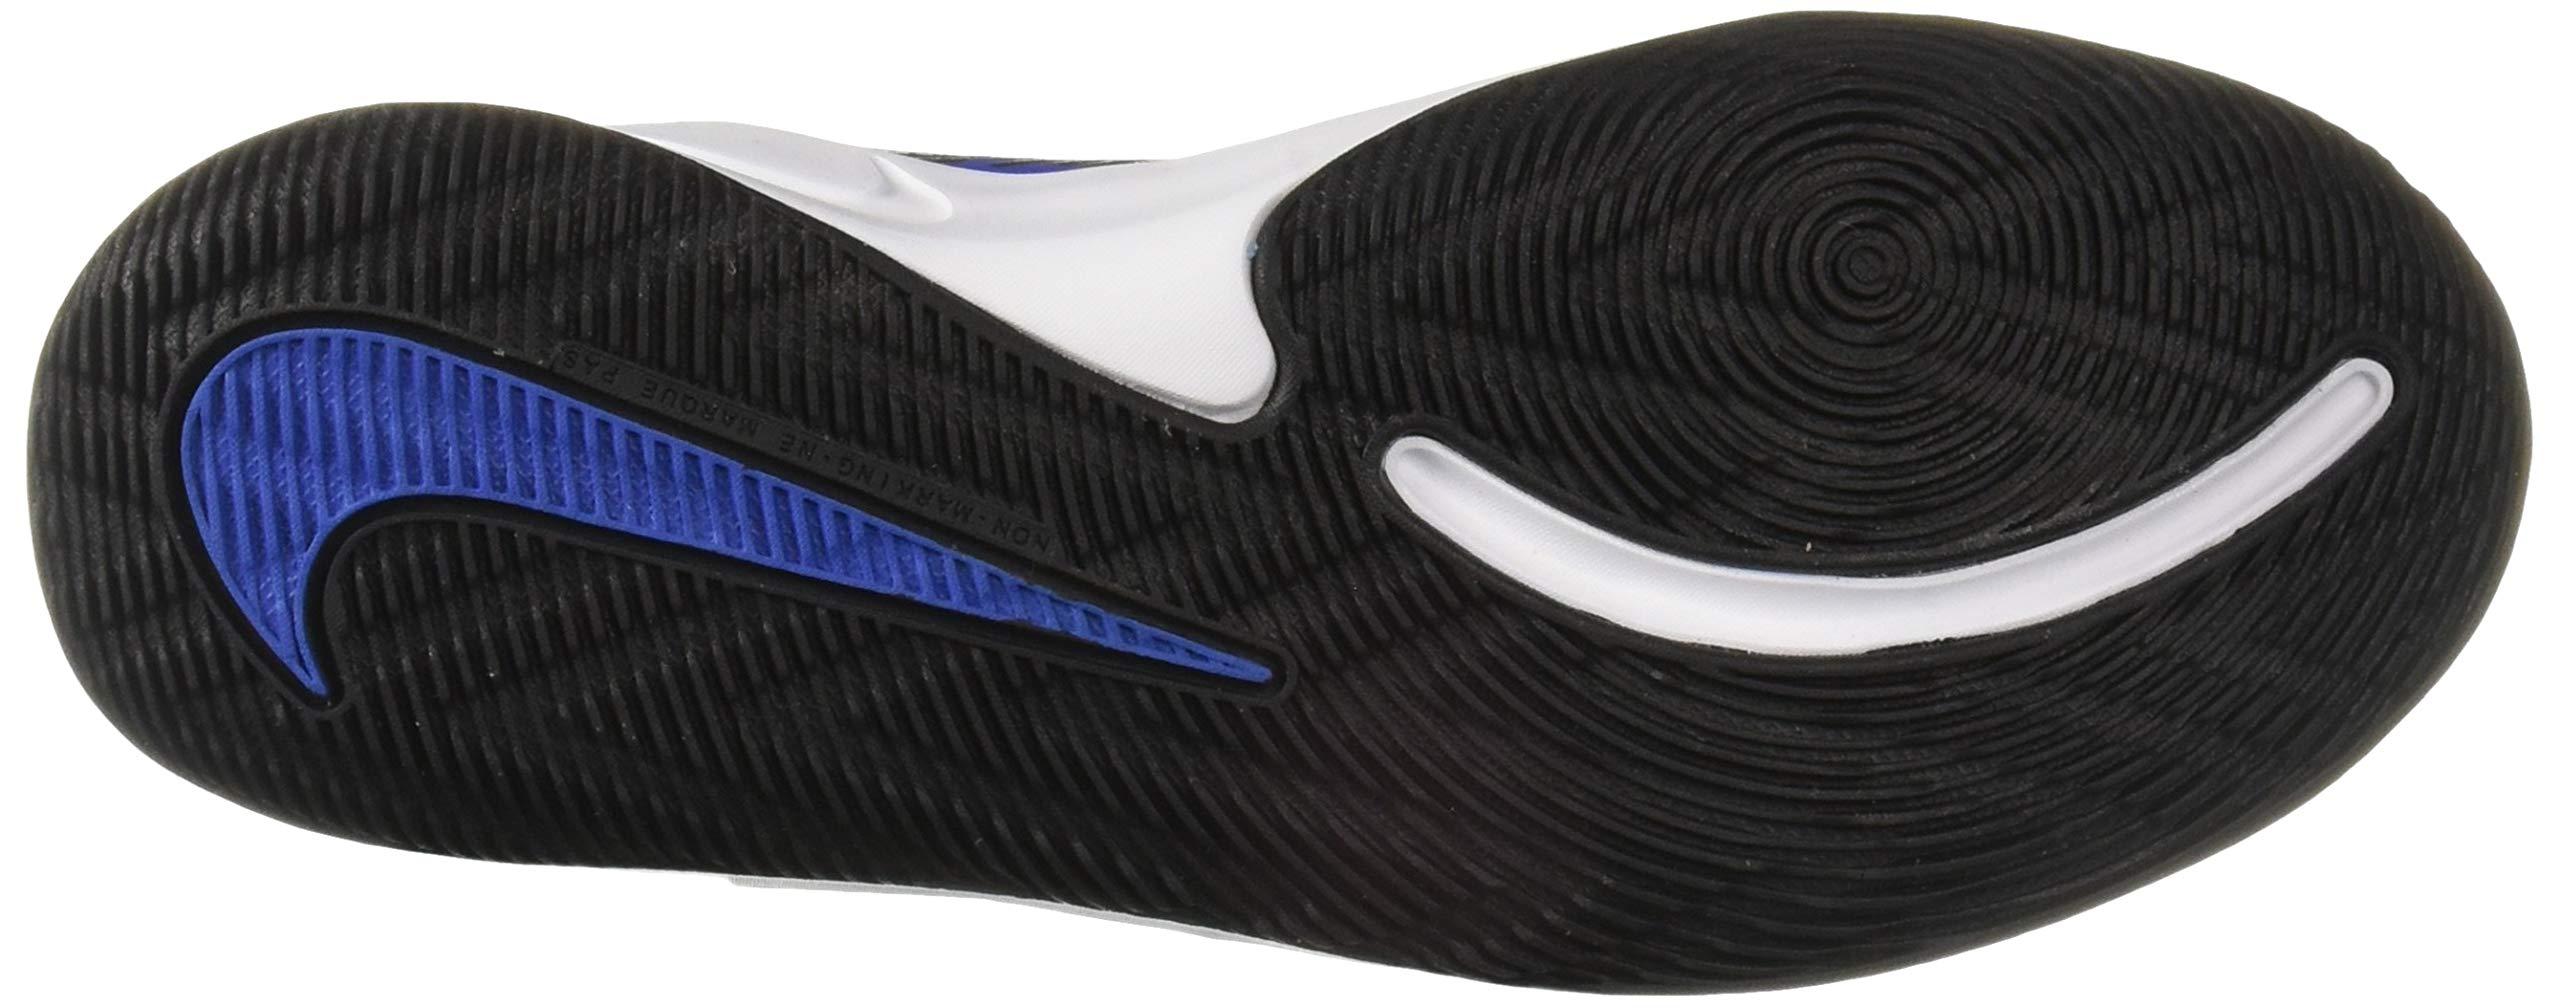 Nike Unisex Team Hustle D 9 (GS) Sneaker, Game Royal/Black - White, 5Y Regular US Big Kid by Nike (Image #3)